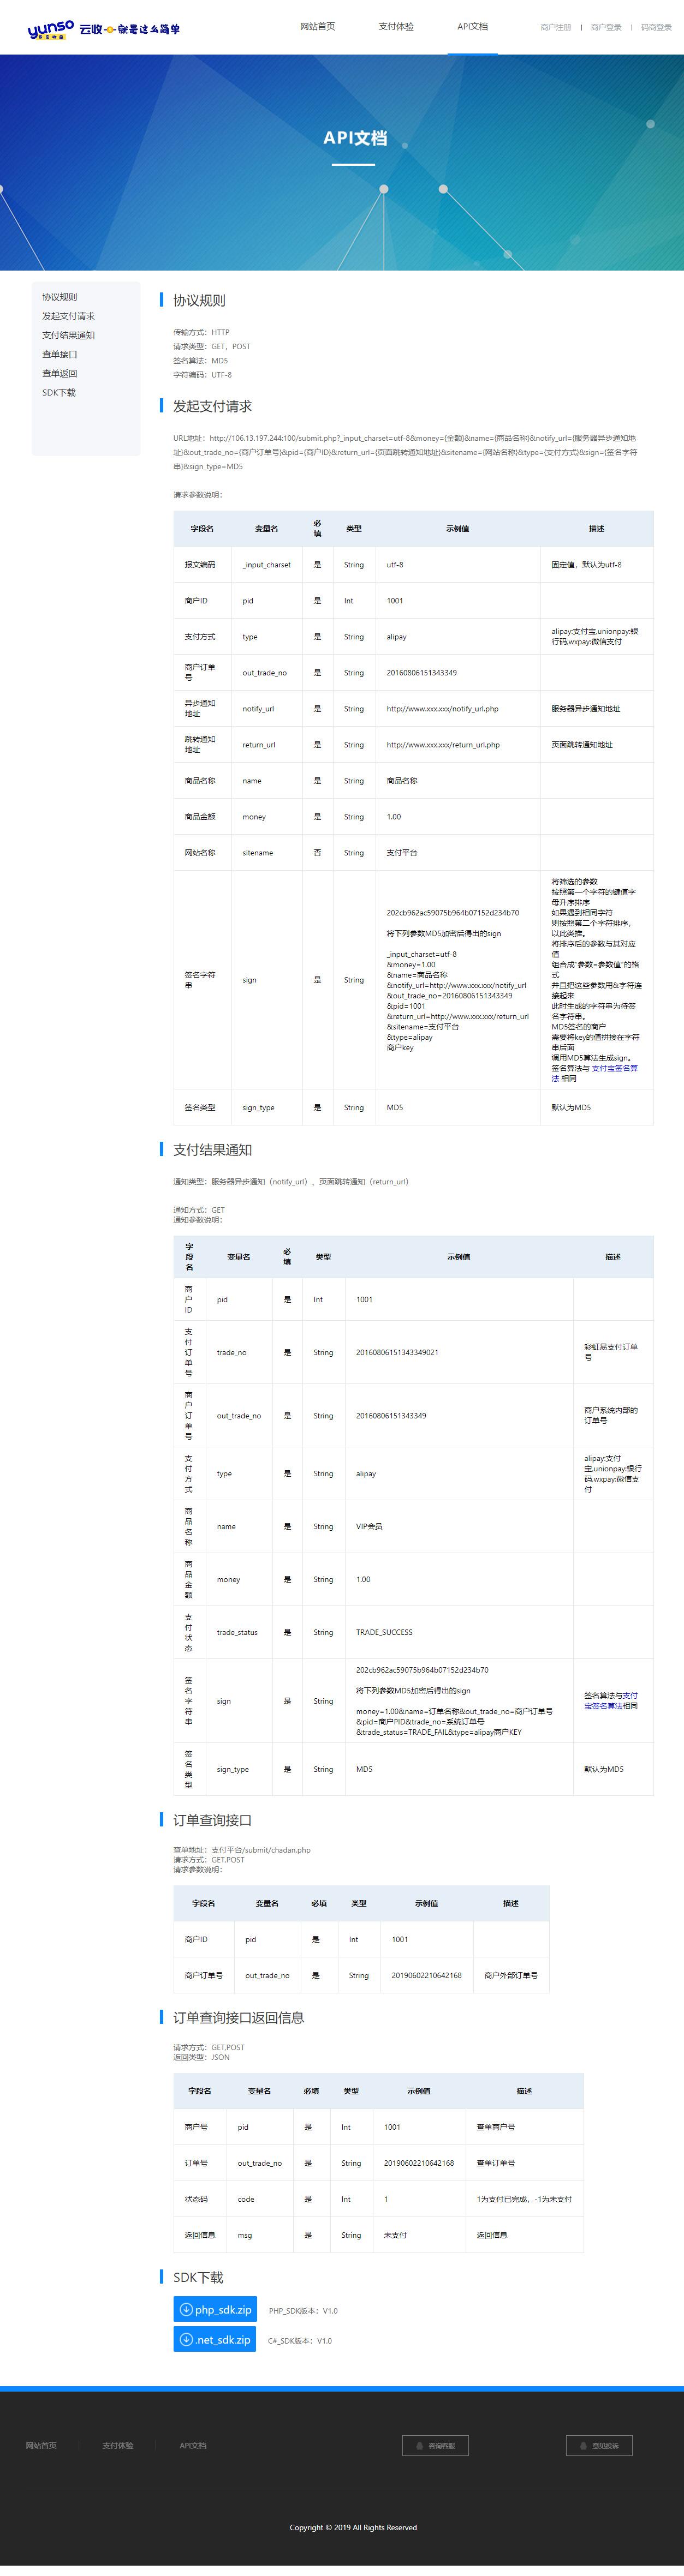 【闪电付】闪电支付系统云收跑分系统网站源码-找主题源码